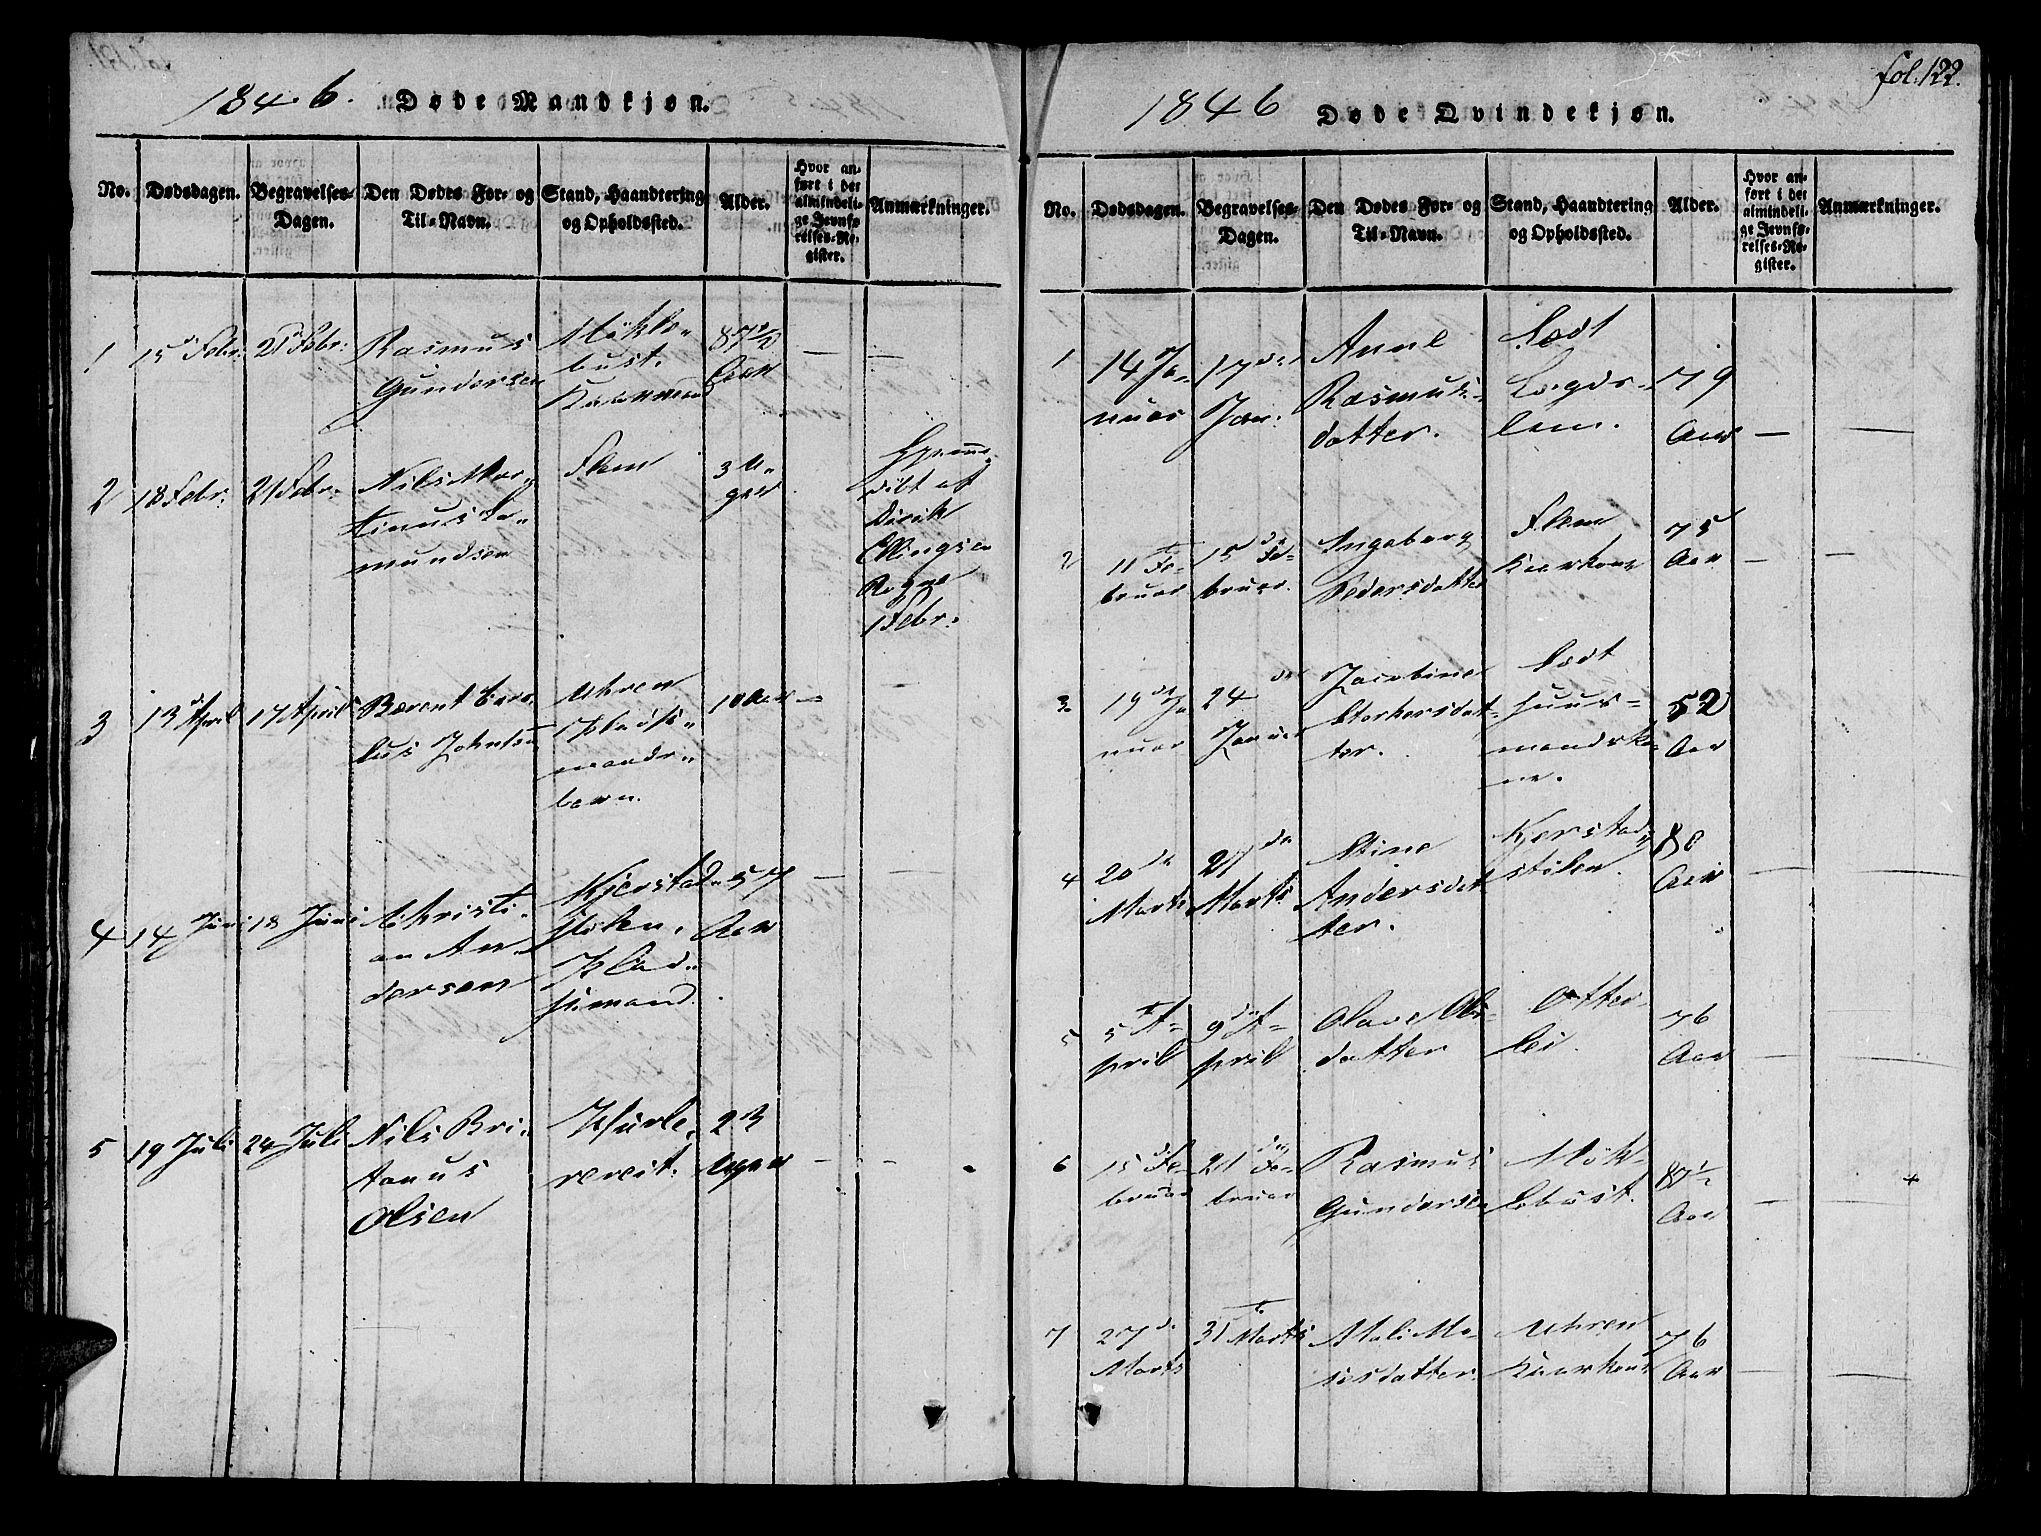 SAT, Ministerialprotokoller, klokkerbøker og fødselsregistre - Møre og Romsdal, 536/L0495: Ministerialbok nr. 536A04, 1818-1847, s. 122